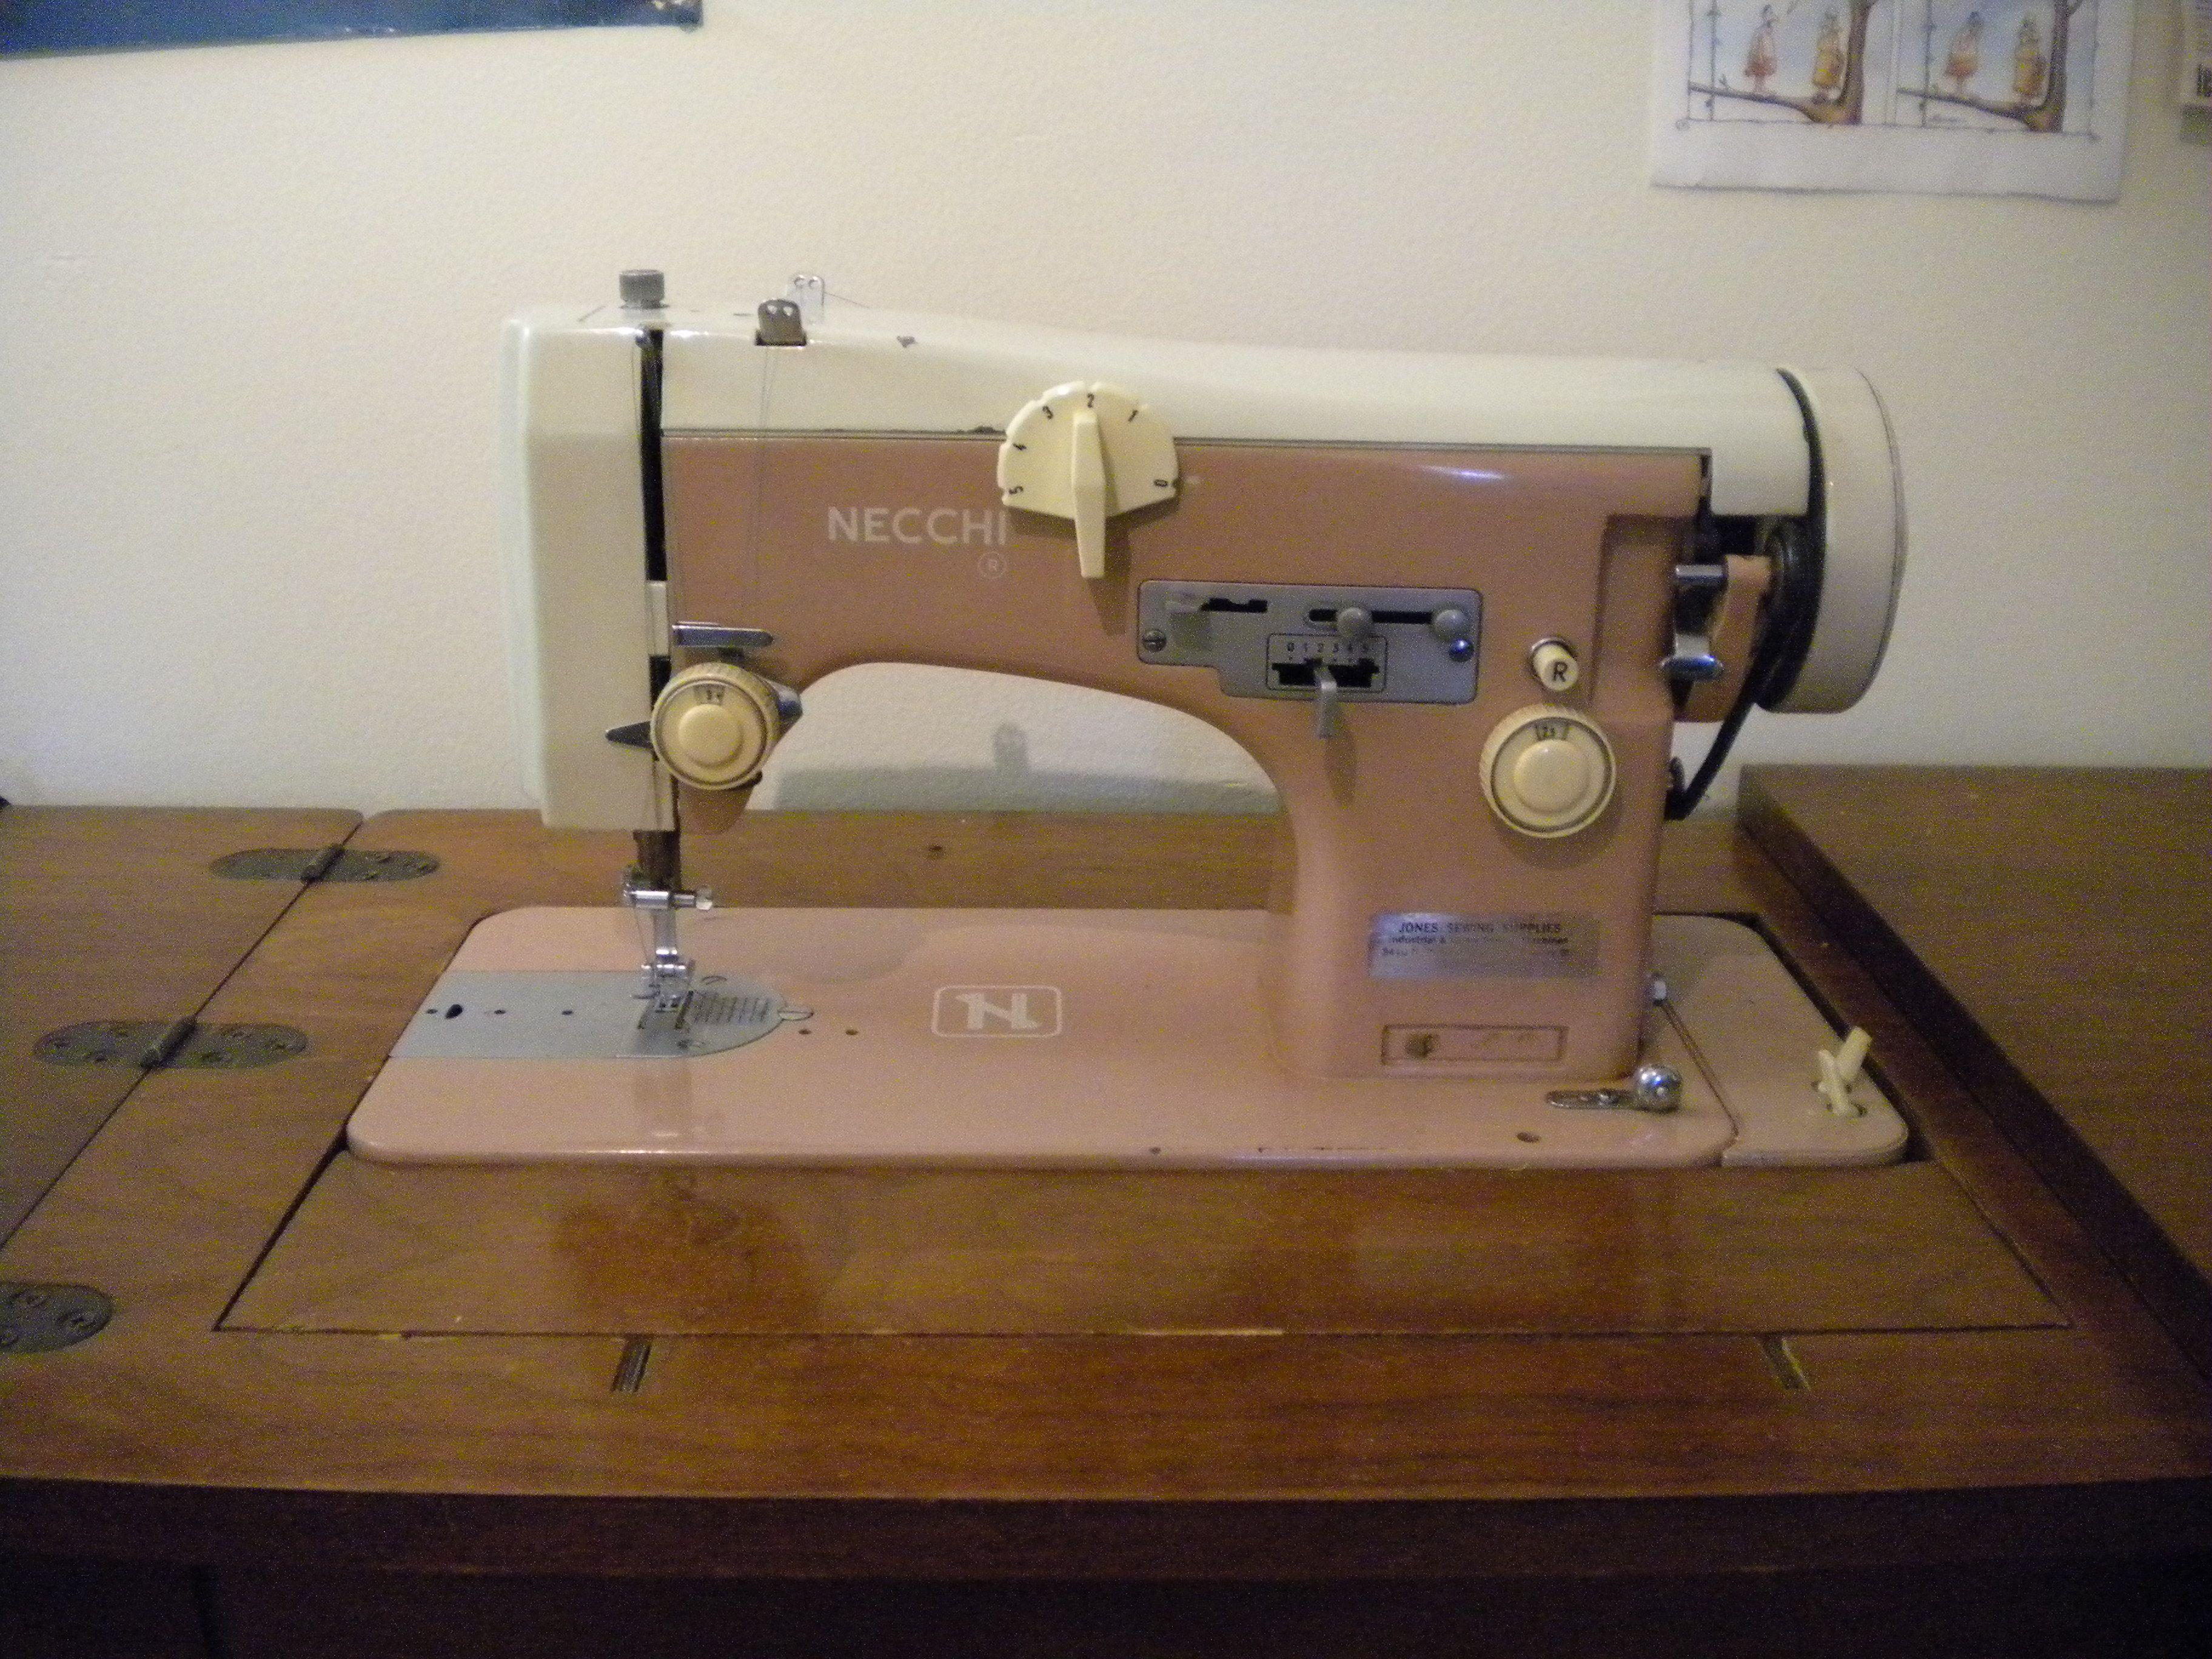 Necchi 515 necchi sewing machine info and accessories for Decor 99 sewing machine